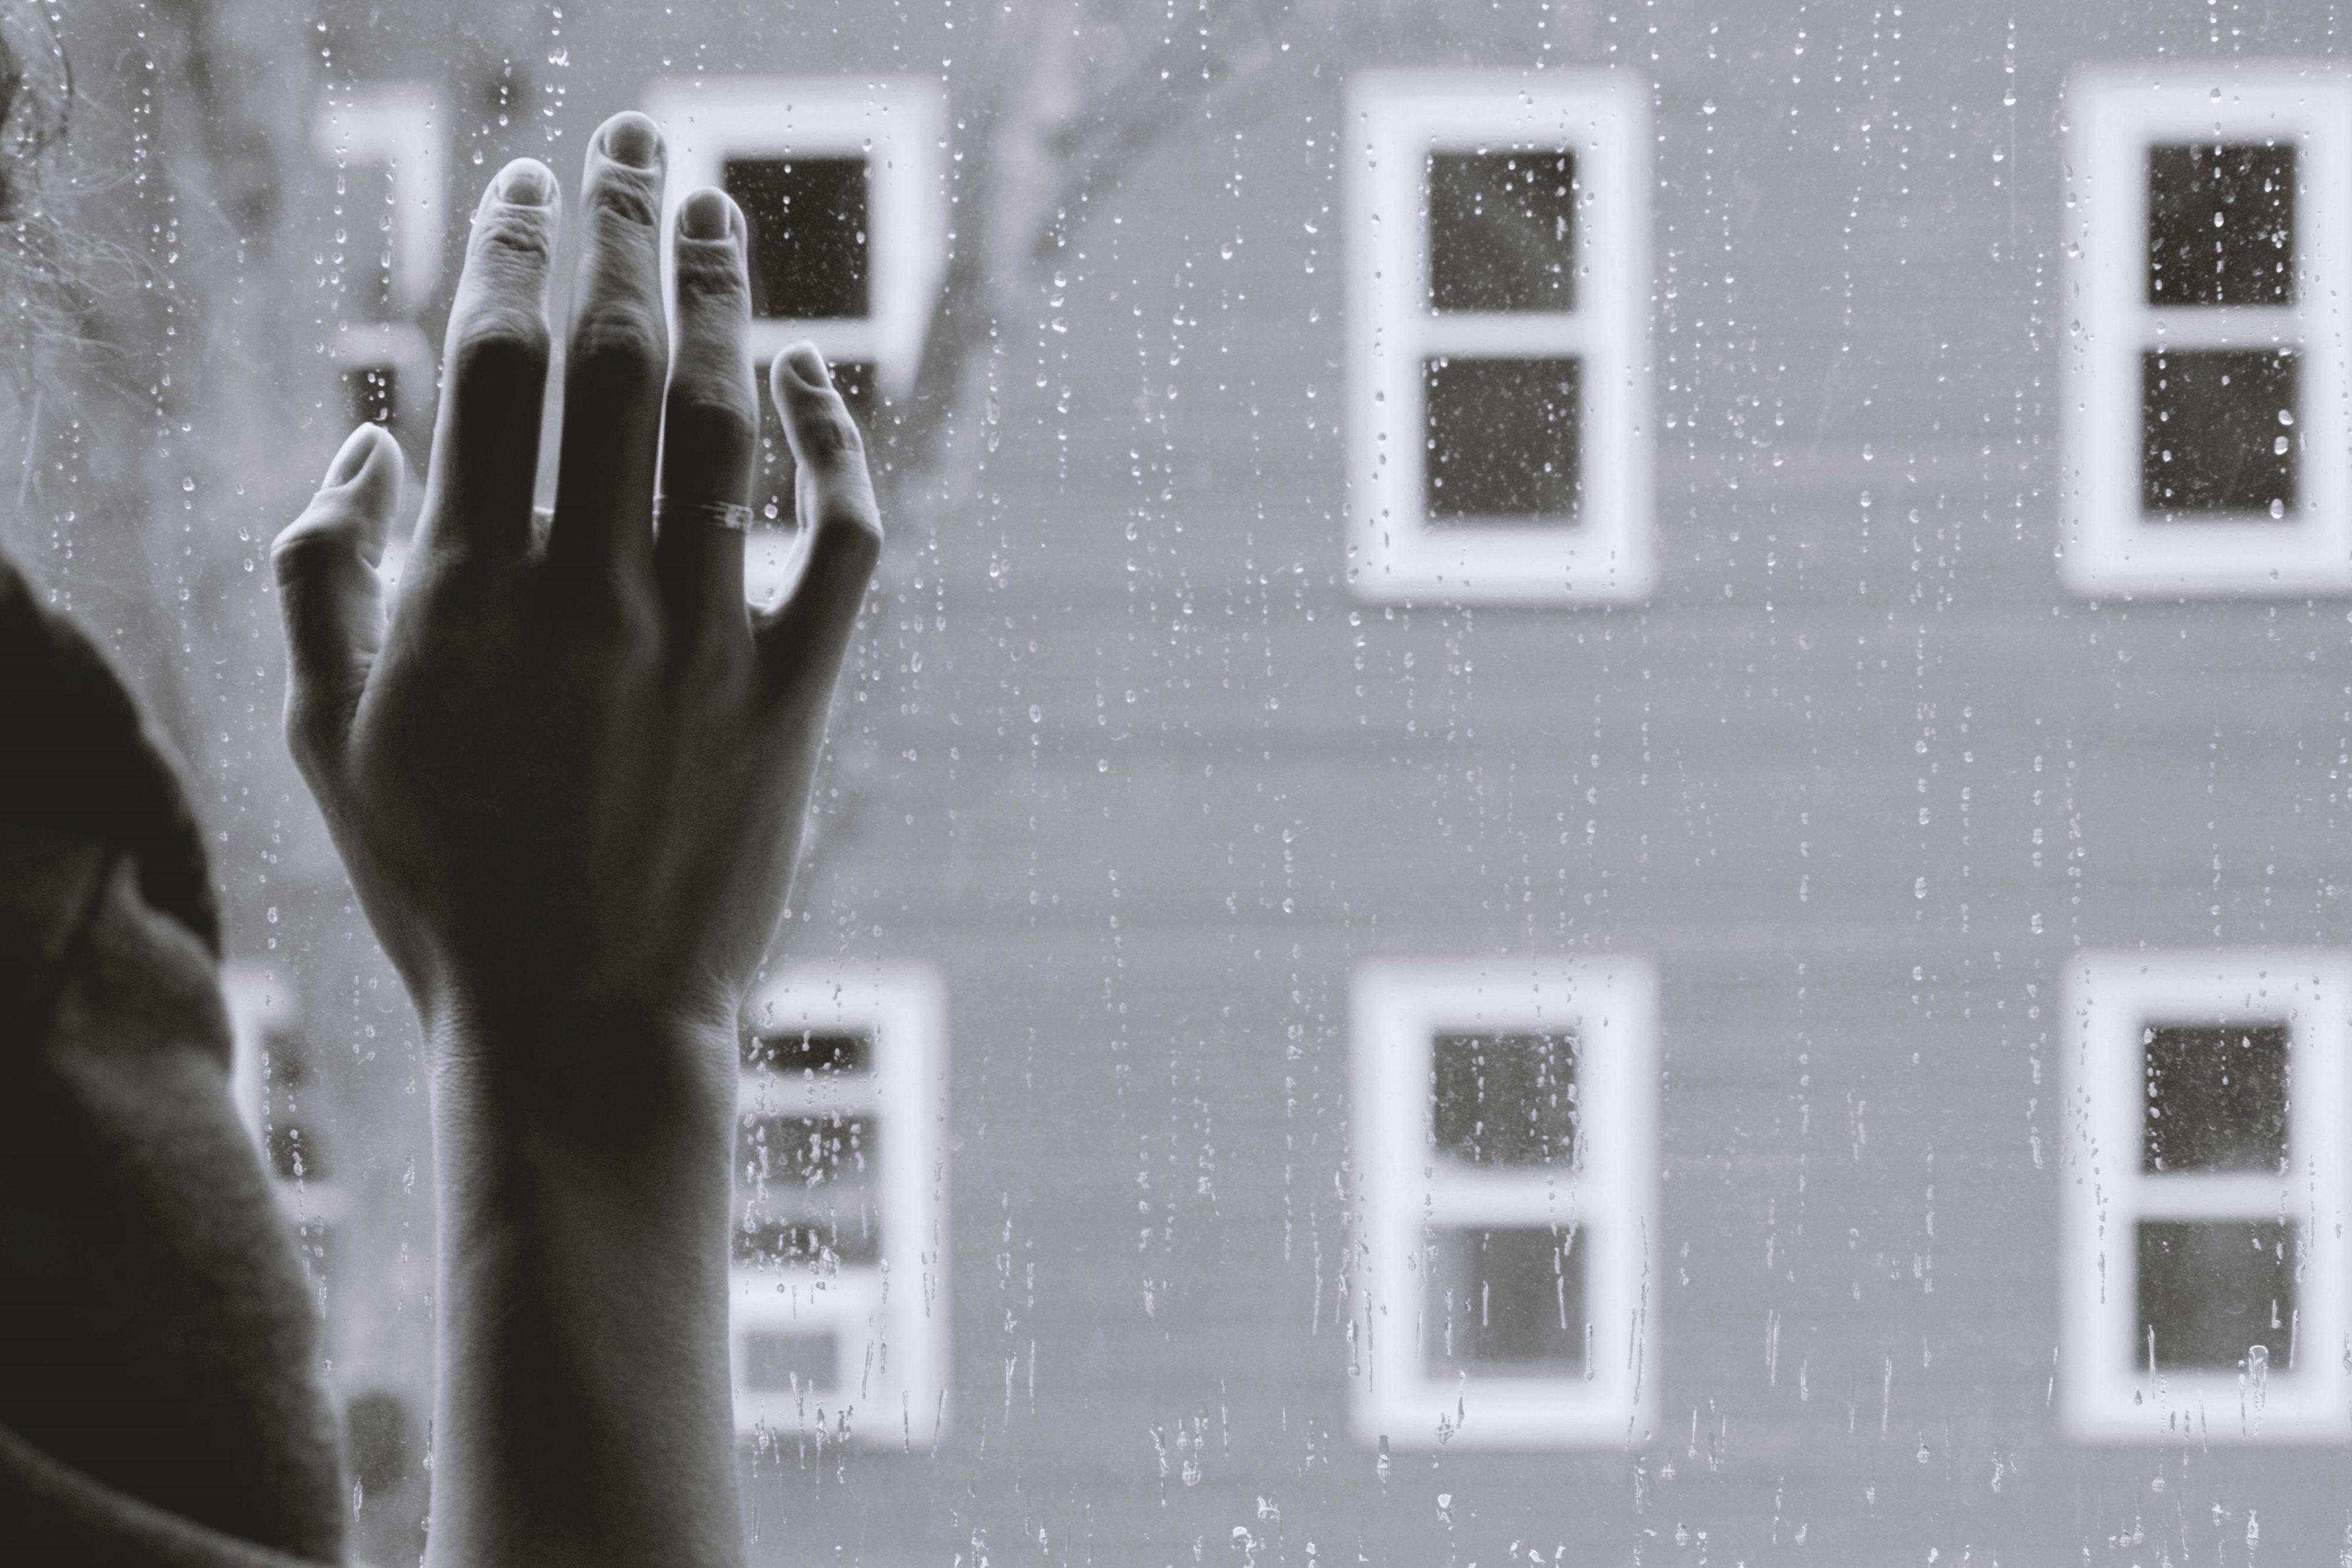 Färre självmord bland svenskspråkiga, men skillnaden mellan språkgrupperna minskar